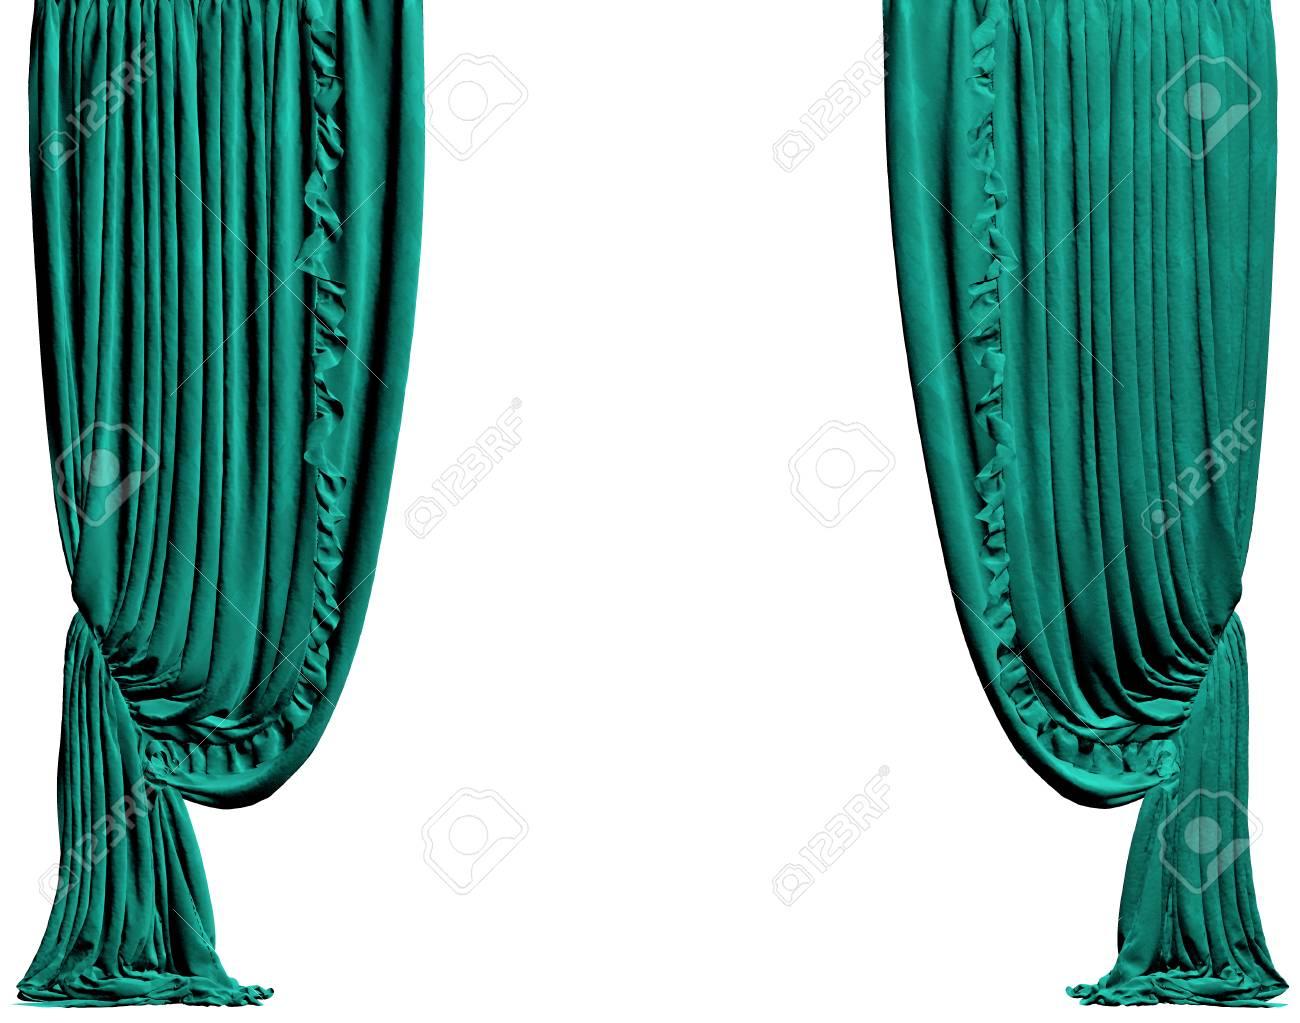 rideau turquoise un trace de detourage est isole sur fond blanc illustration 3d